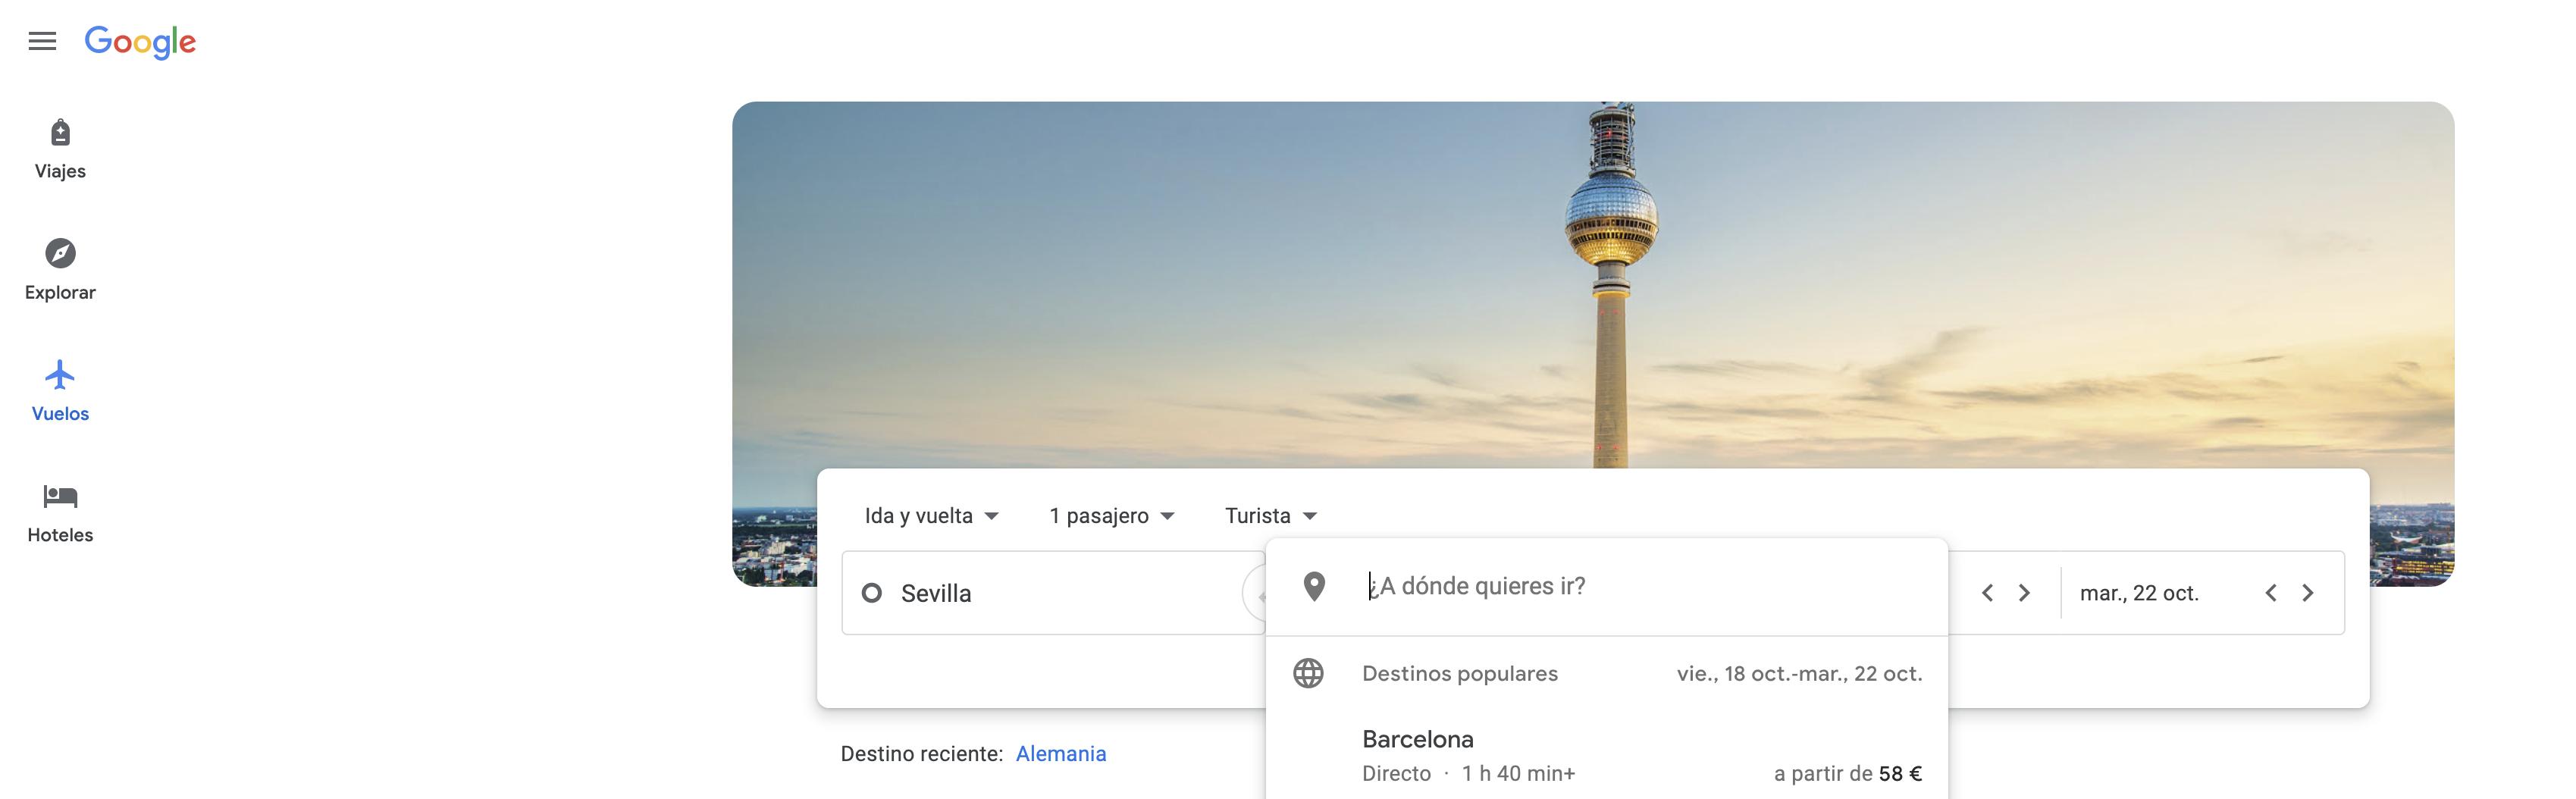 Búsqueda avanzada en Google - Vuelos